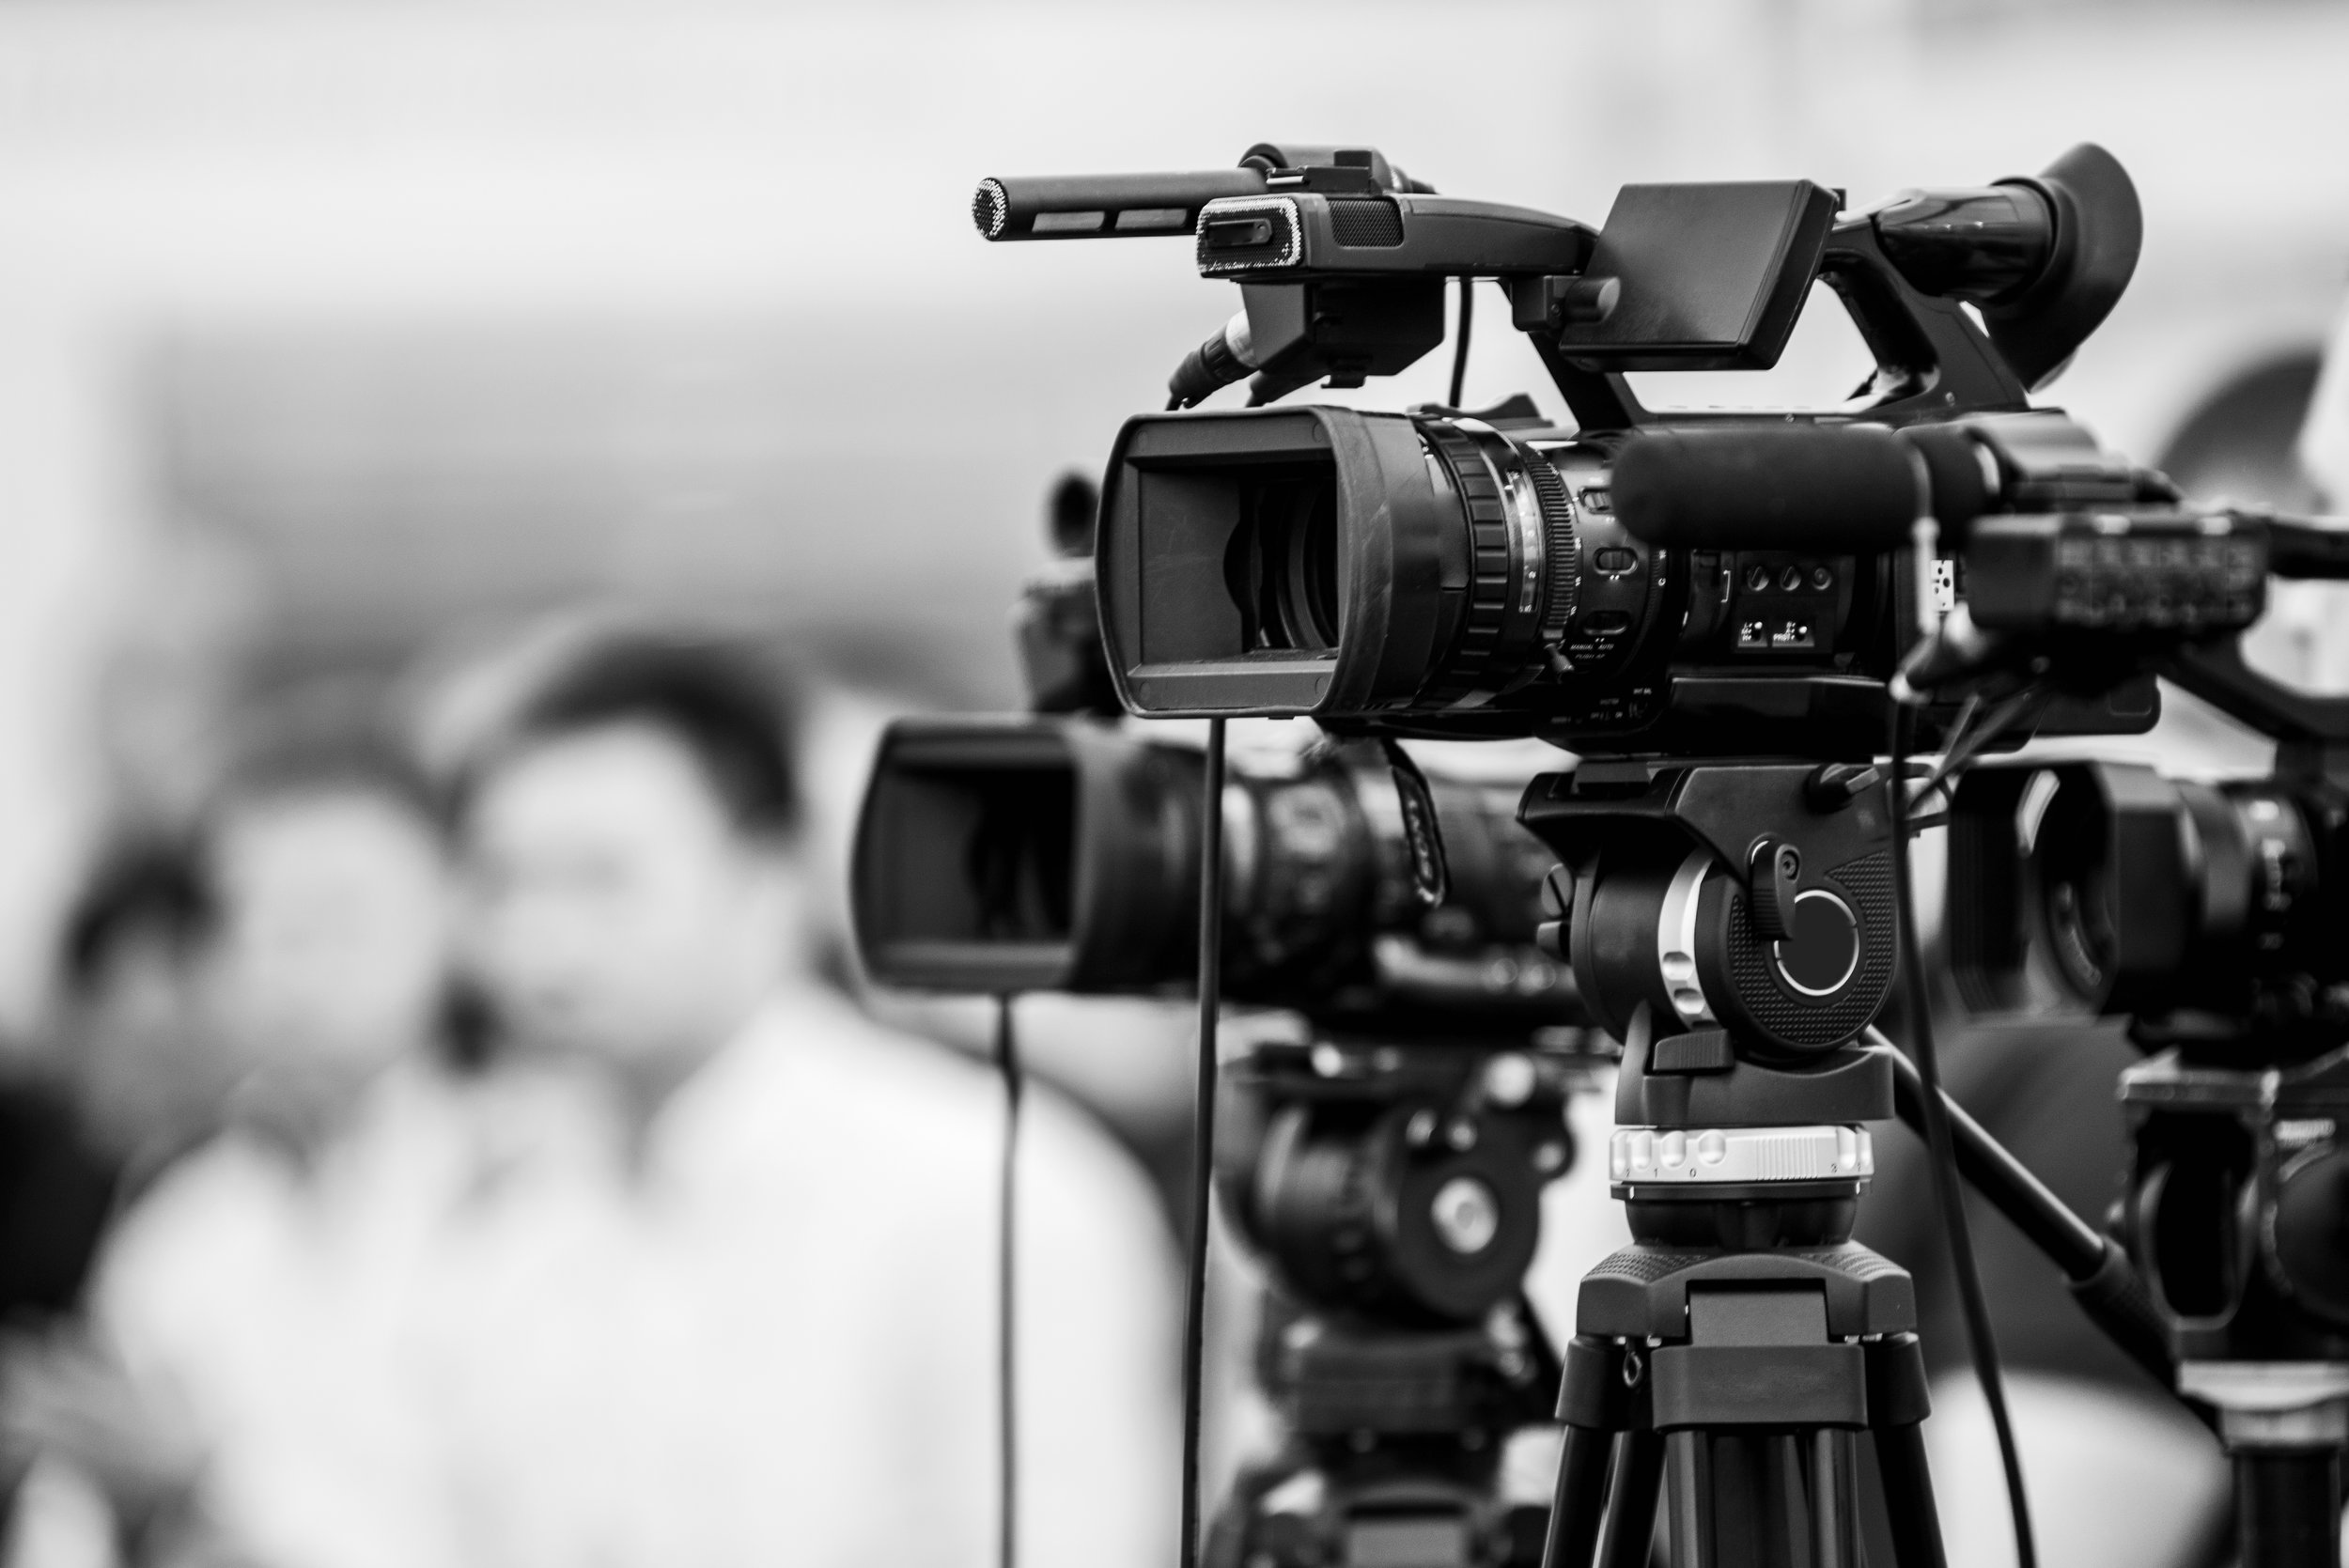 Få din film filmad av proffs - Om du postar din film innan 31 juli kan du vara med i vårt urval för att hitta filmidéer. Då filmar vi din film igen men med professionella filmarbetare och professionell utrustning.